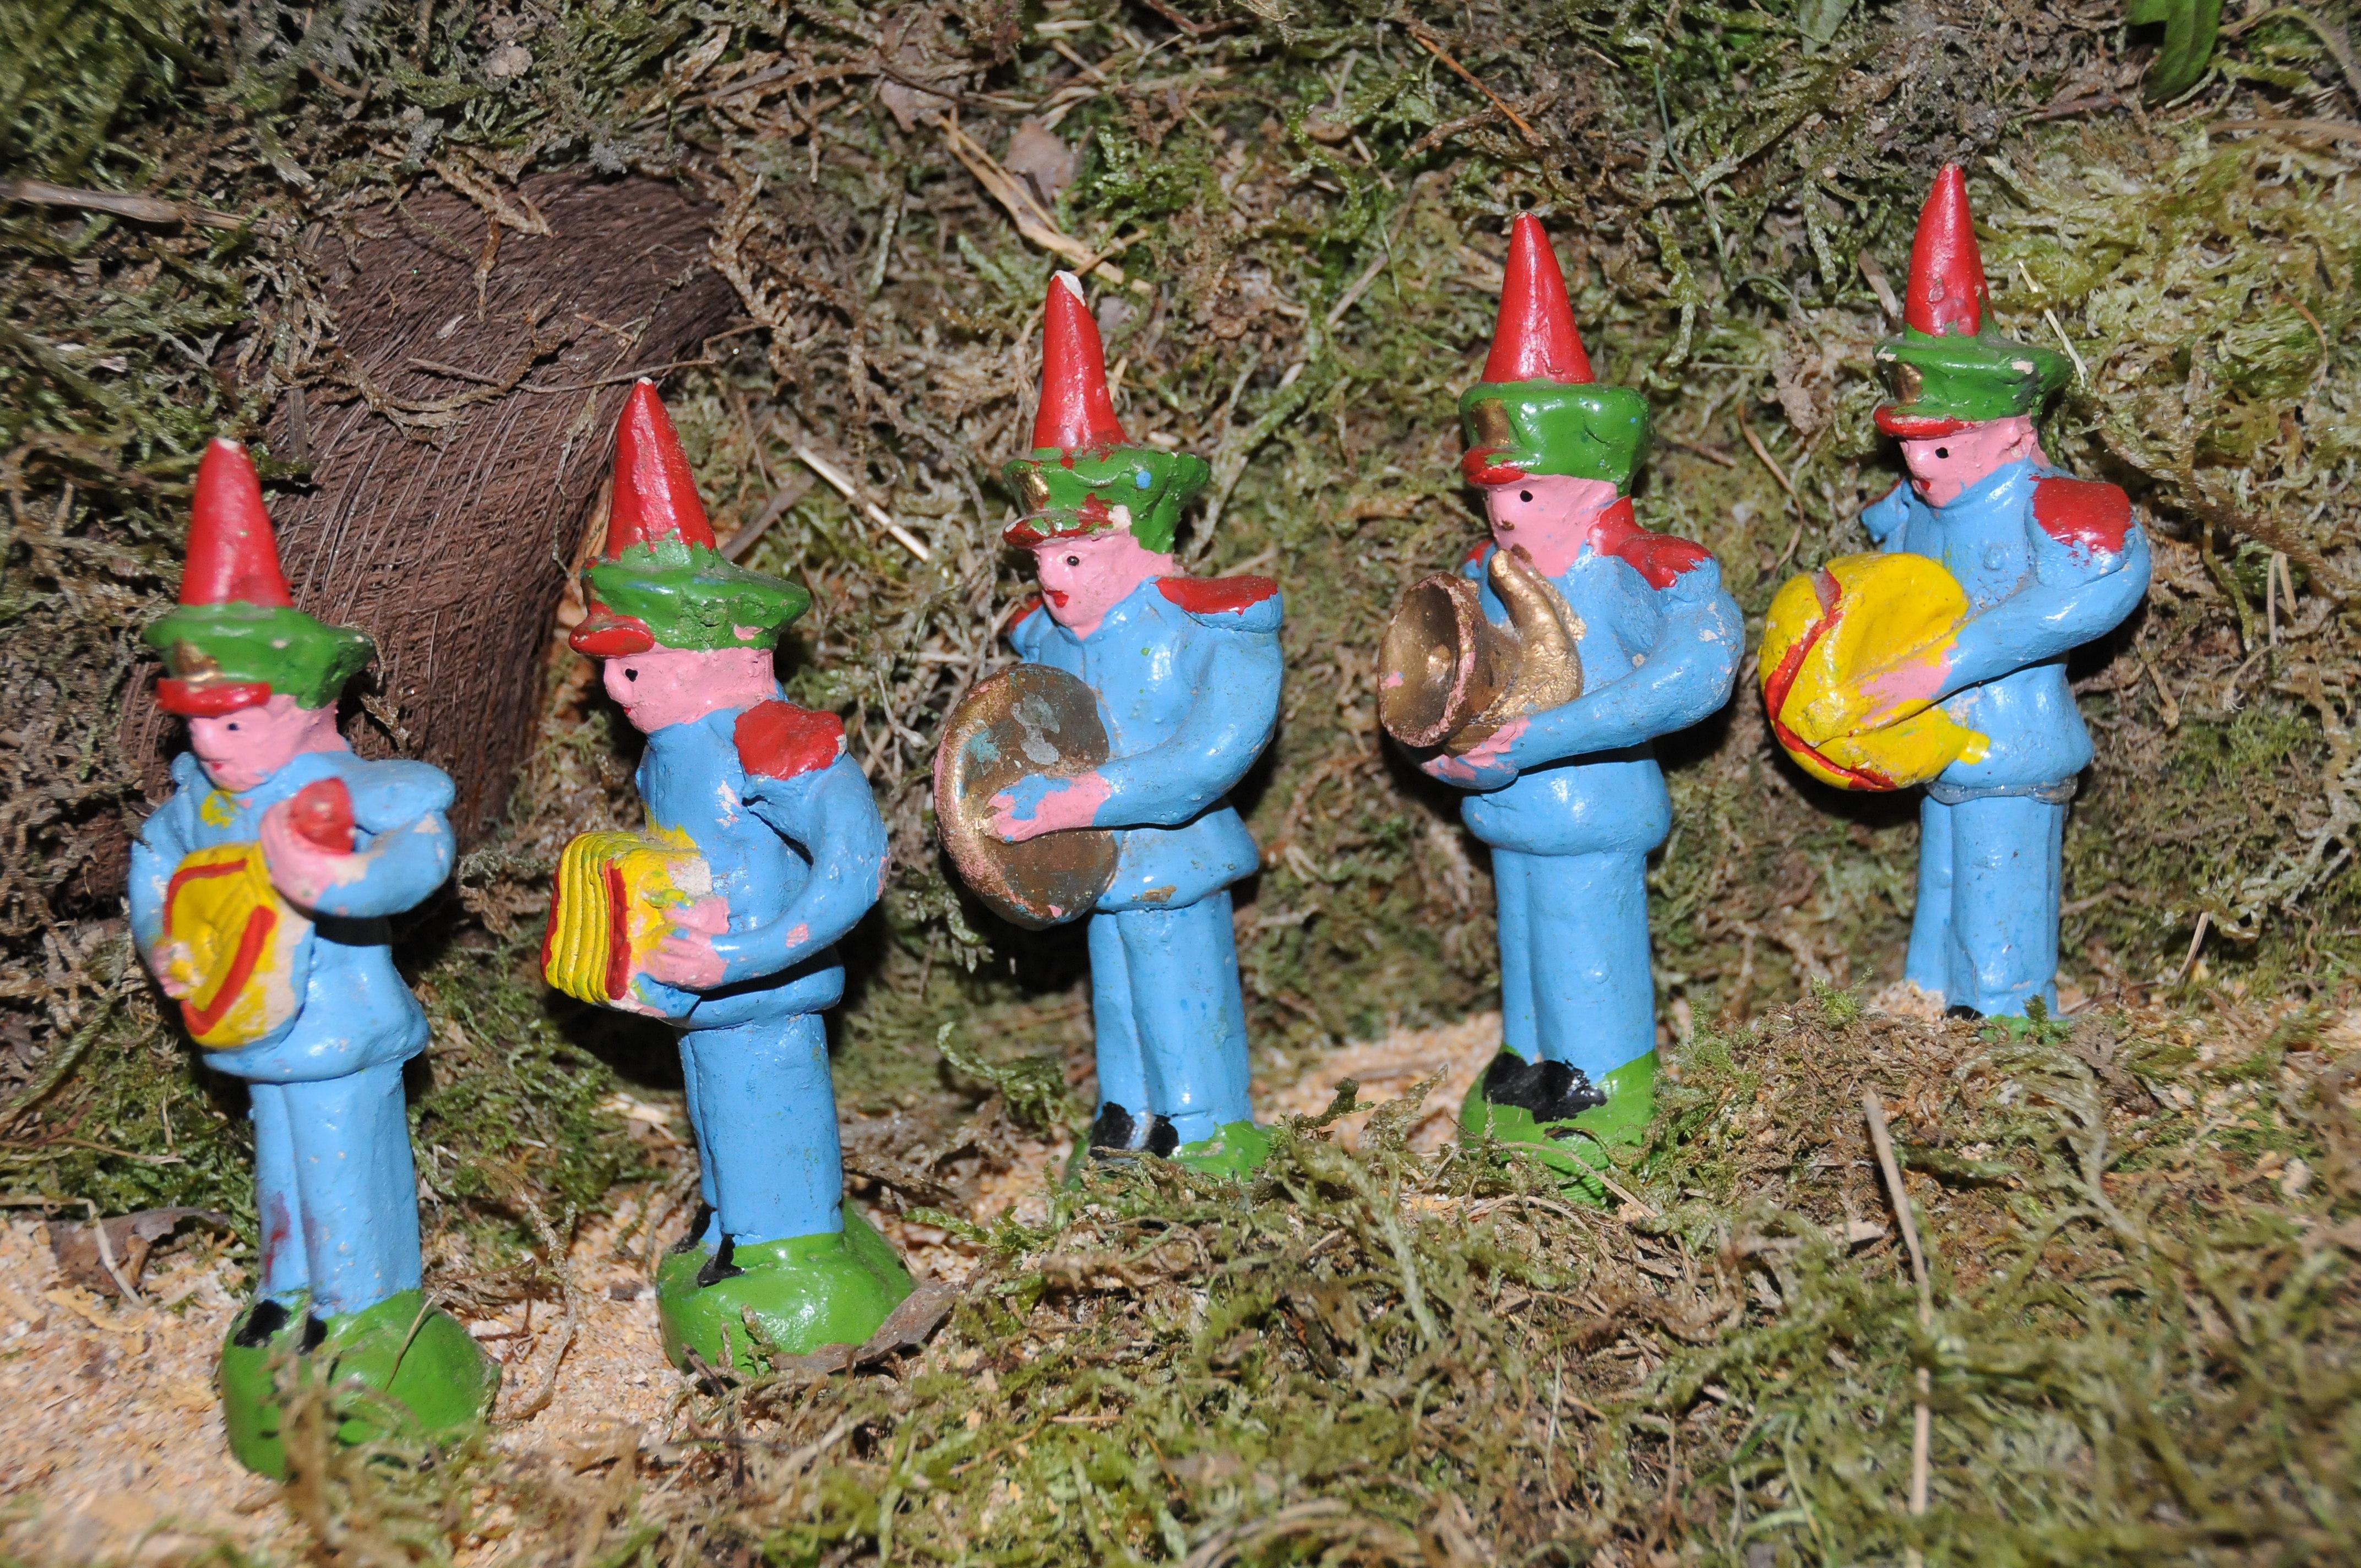 Representação de uma banda de música no Presépio Tradicional Português.